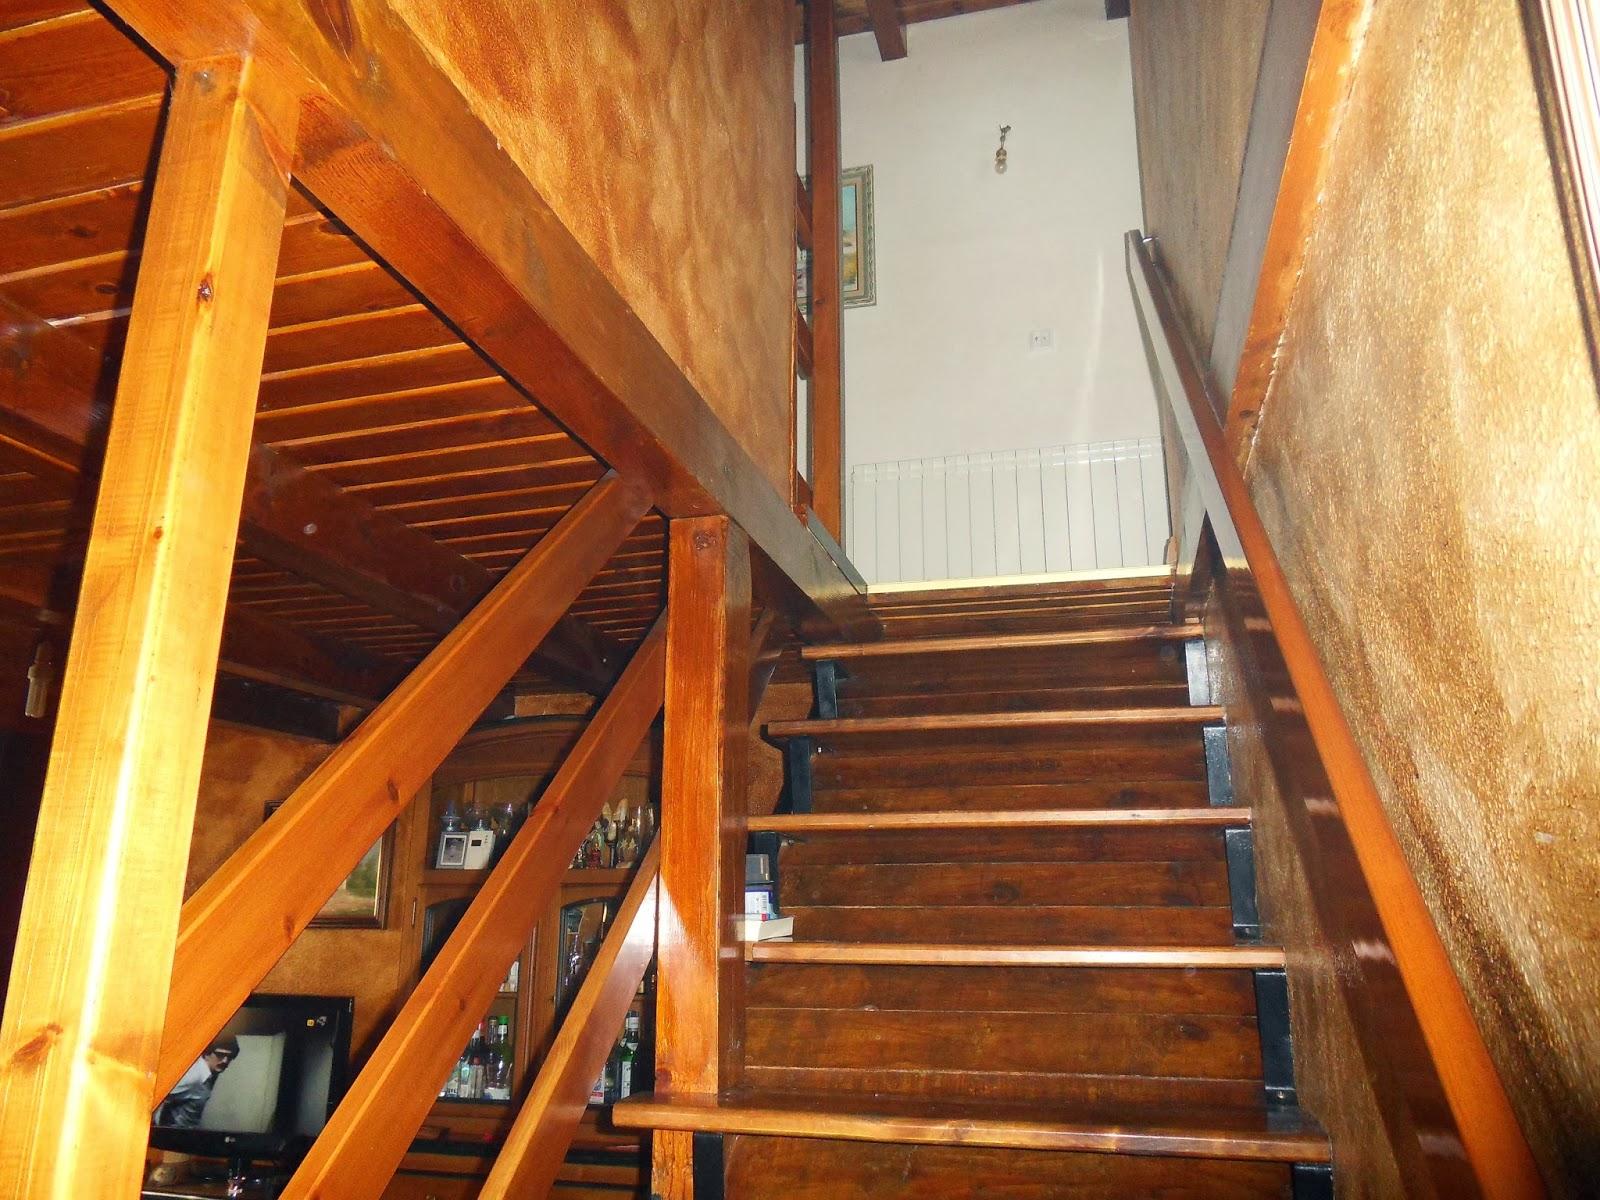 La casa de noa vendo casa en pirineo valle de benasque huesca las escaleras de subida a la primera planta tiene los escalones cerrados y muy cmoda de subir vista desde abajo fandeluxe Images